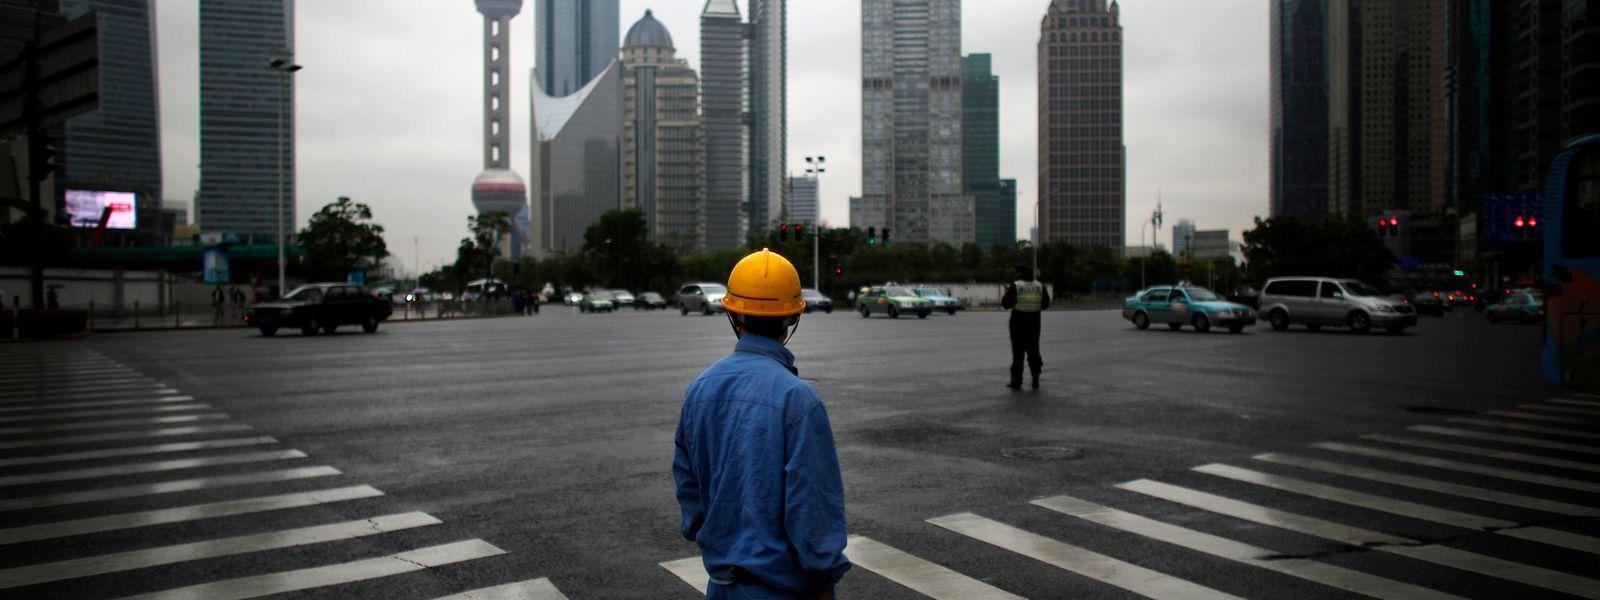 Un ouvrier les mains dans les poches à proximité de Shanghai. L'économie mondiale devrait connaître un sérieux ralentissement au cours des prochains mois.